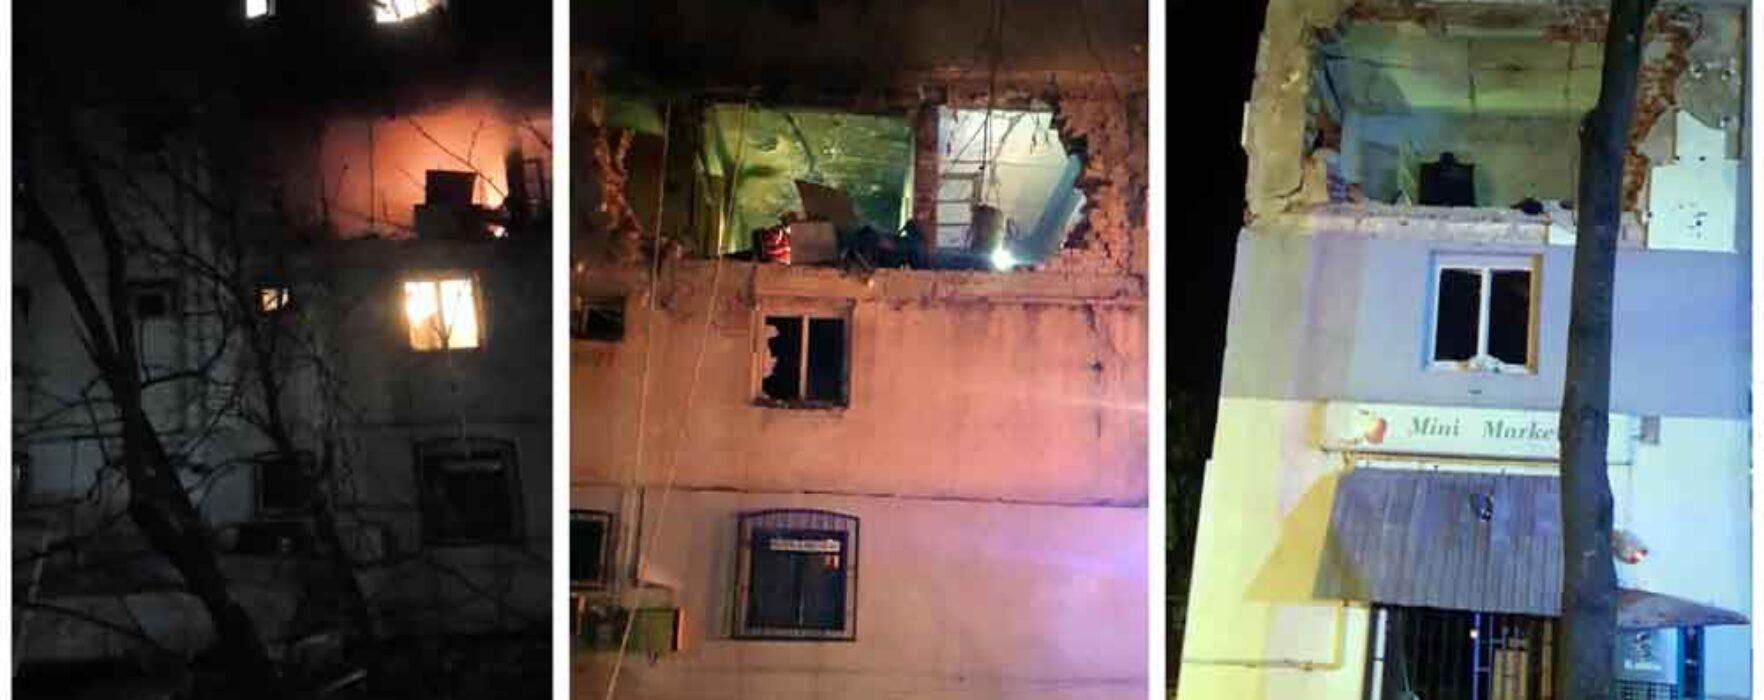 Dâmboviţa: Explozie urmată de incendiu la un apartament din Găeşti, o persoană rănită şi locatarii evacuaţi preventiv